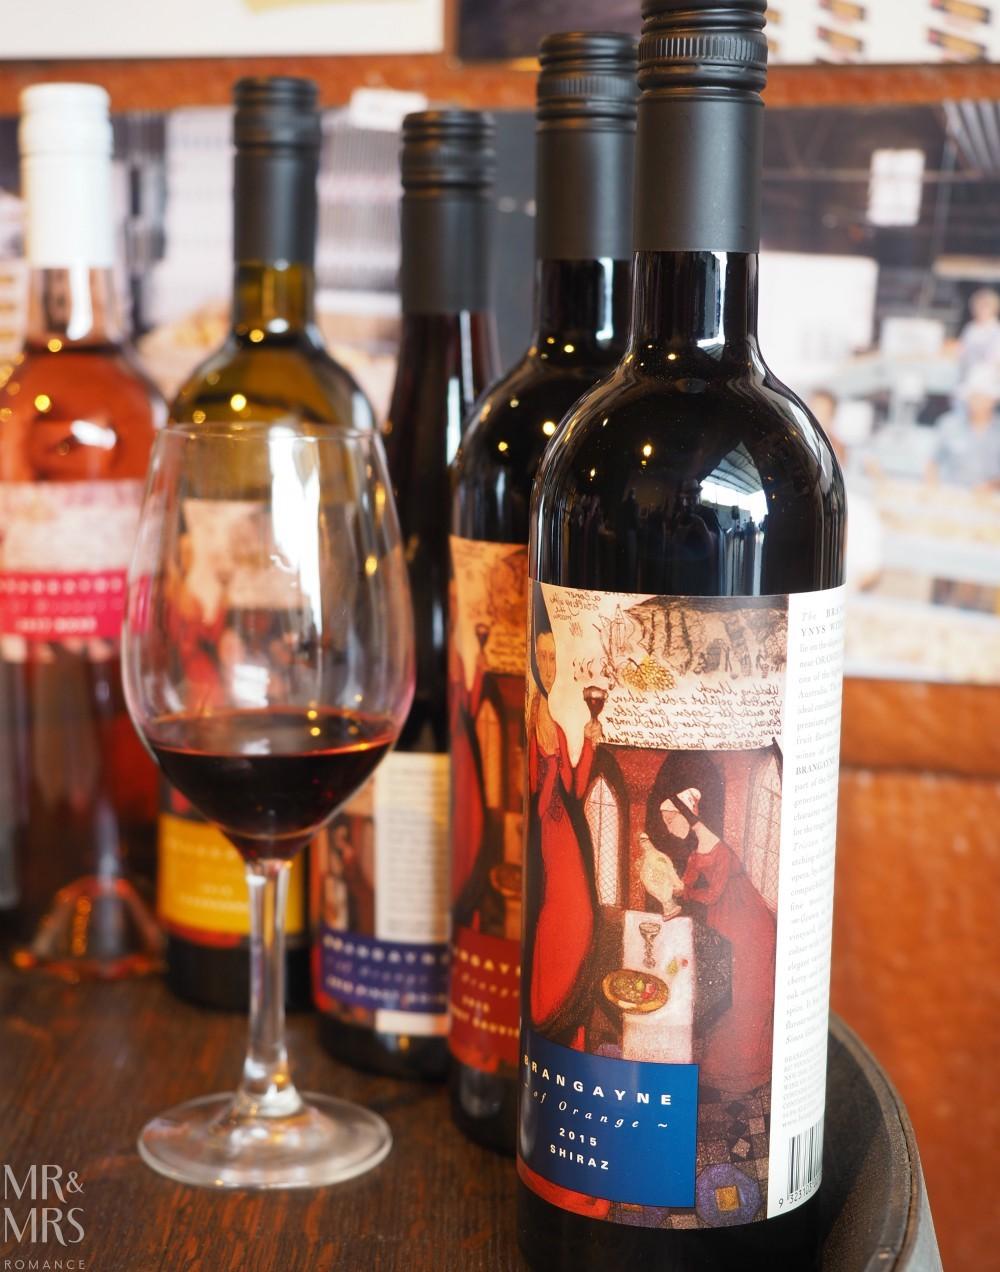 Orange Wine Festival - Brangayne Wines